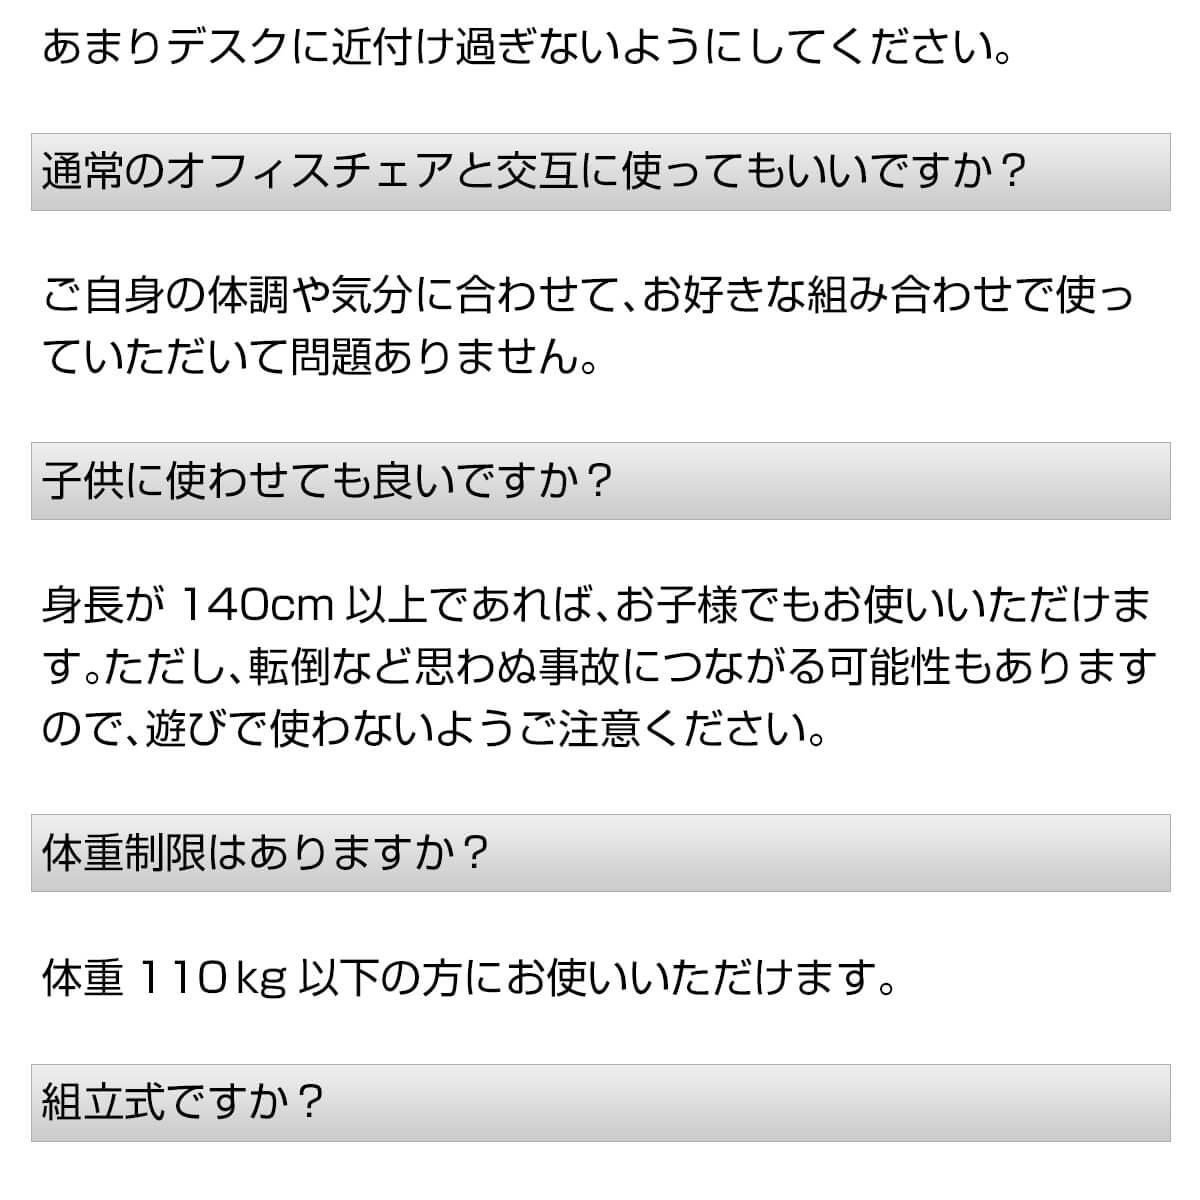 グラッチェアFAQ3